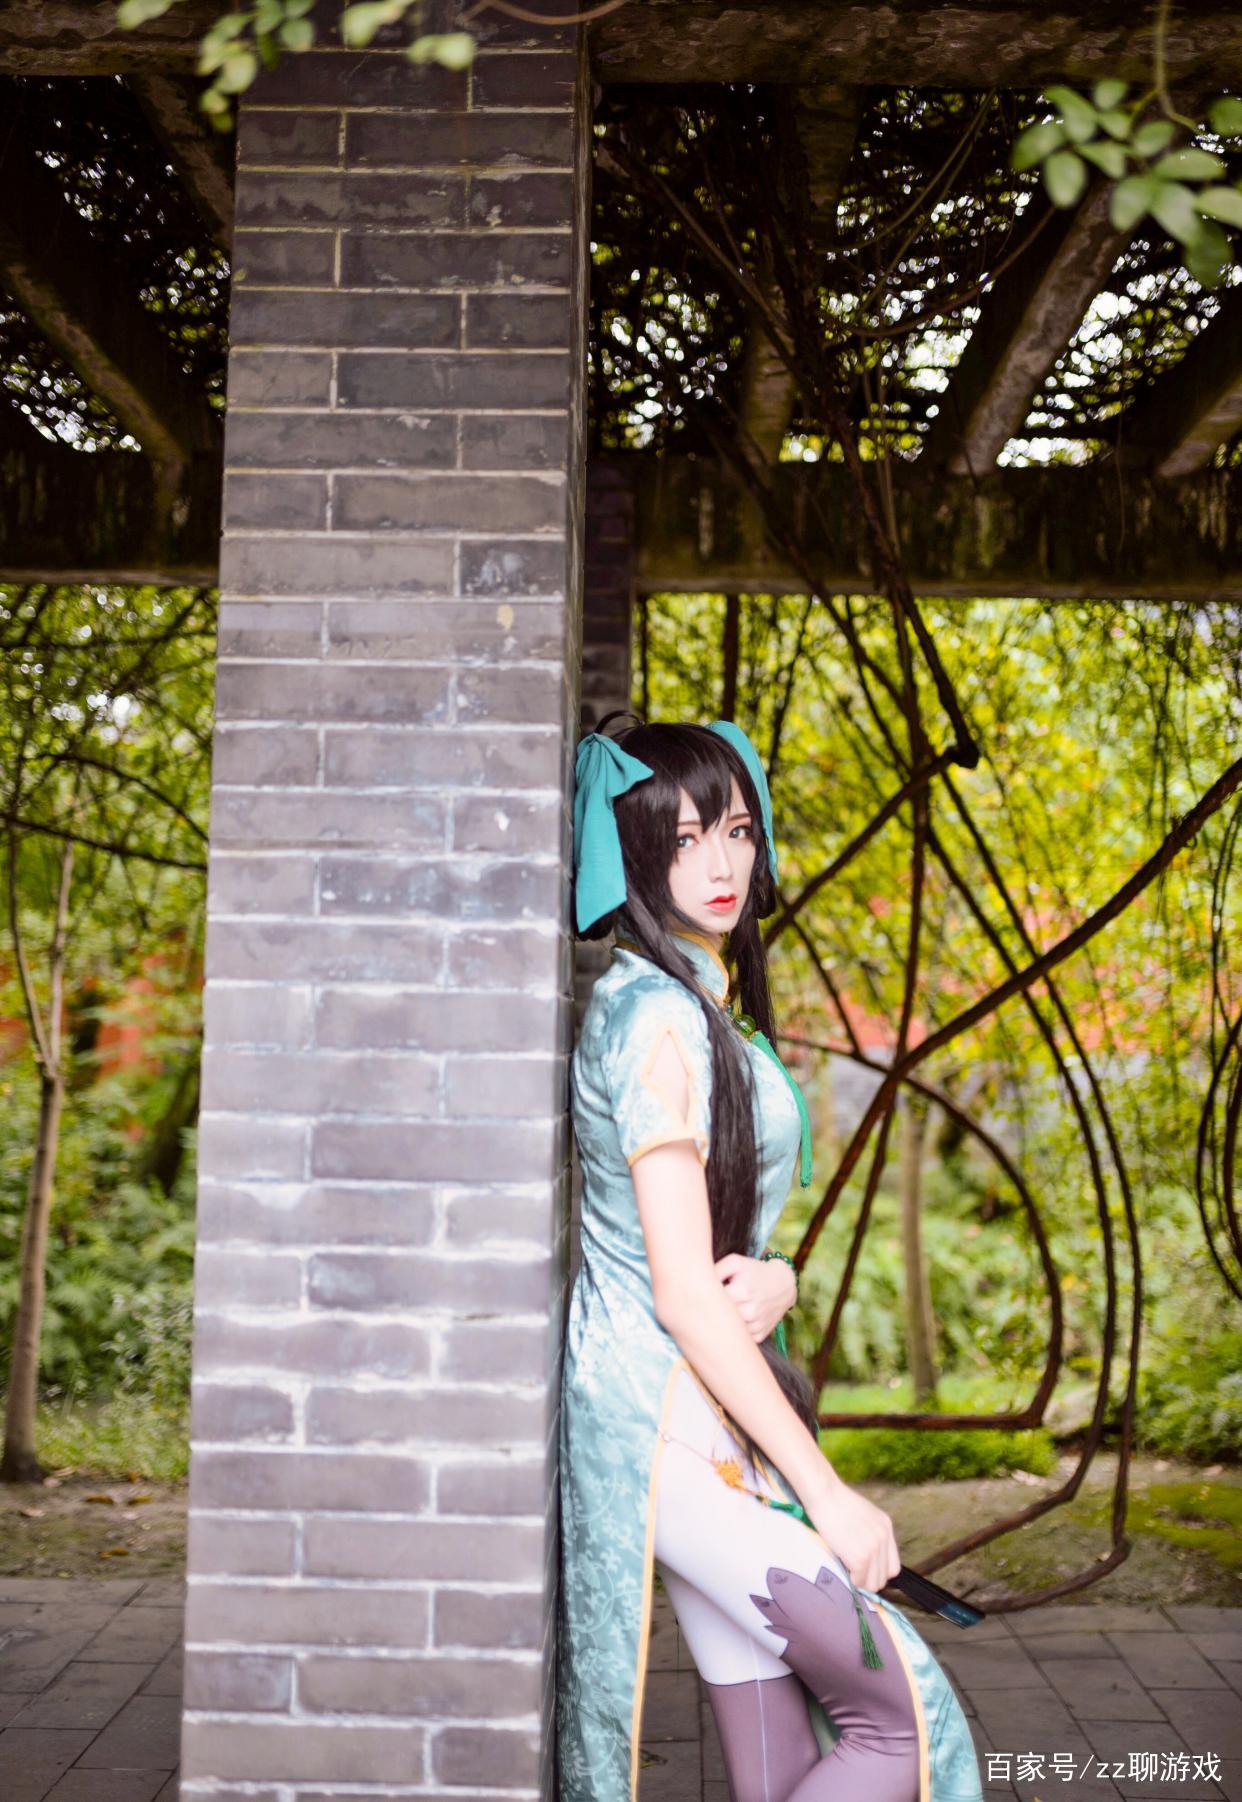 小姐姐cos《王者荣耀》孙尚香,身穿绿色旗袍比原版角色更有气质